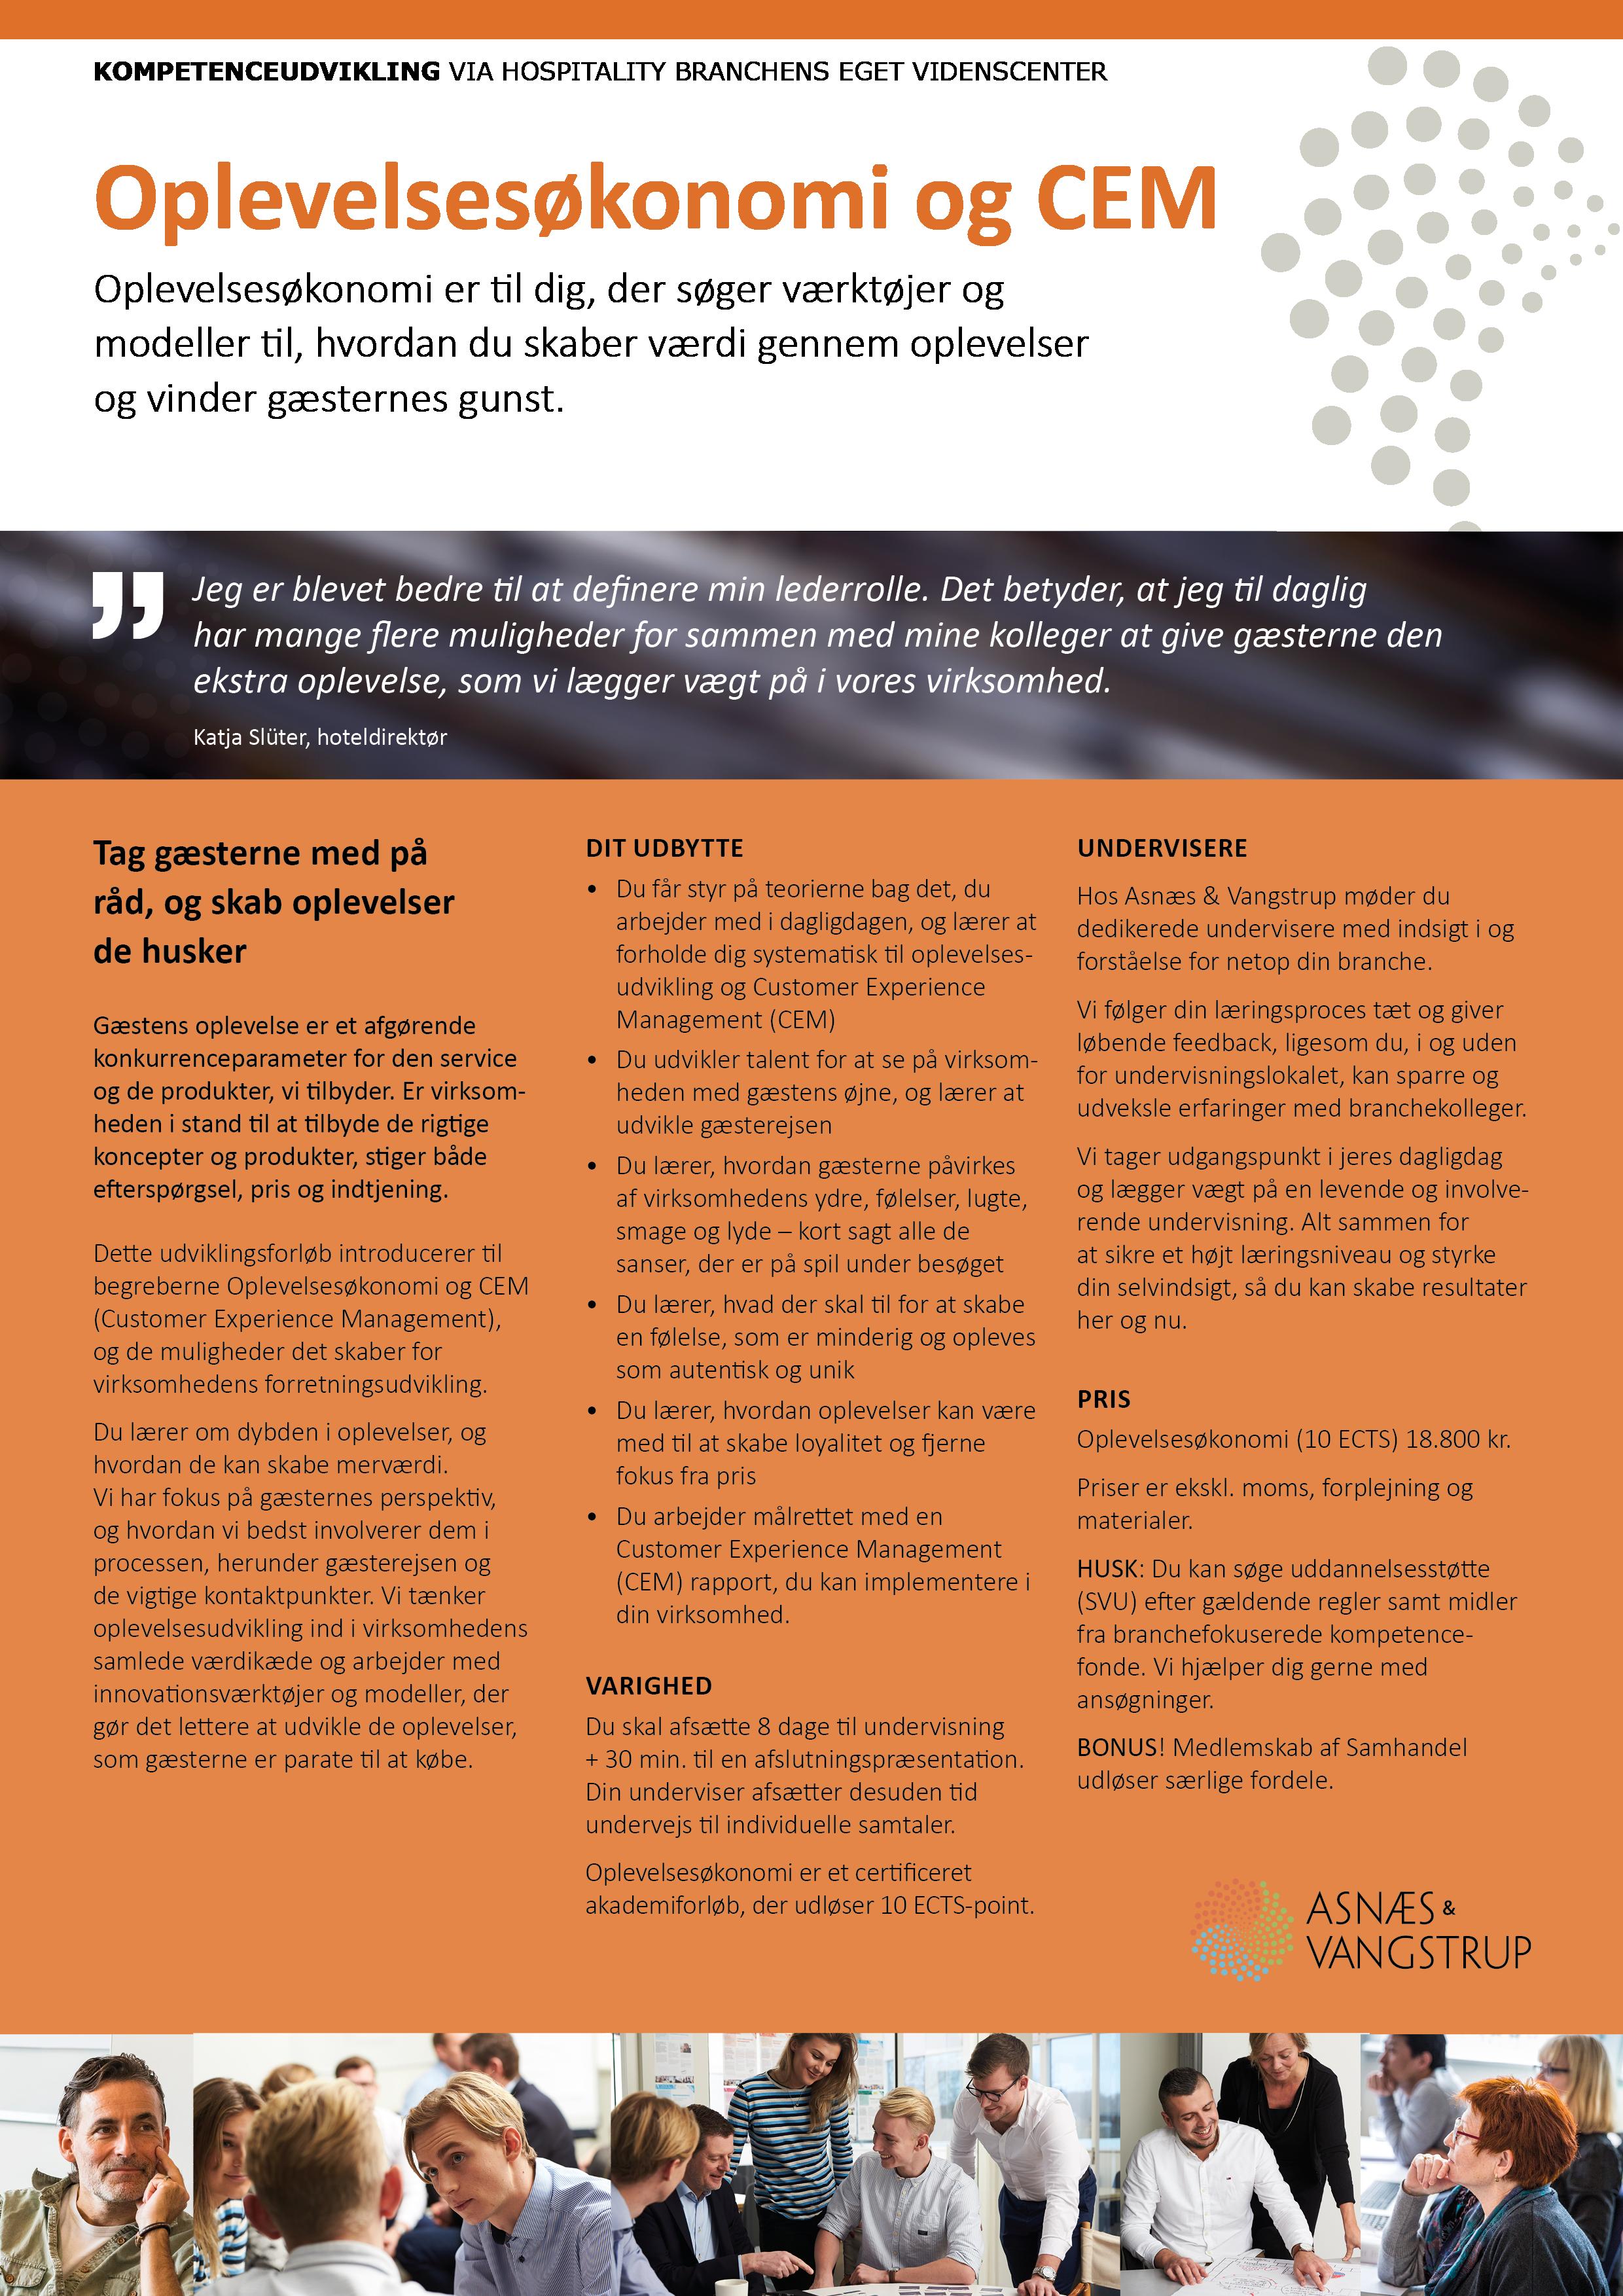 Oplevelsesøkonomi og CEM